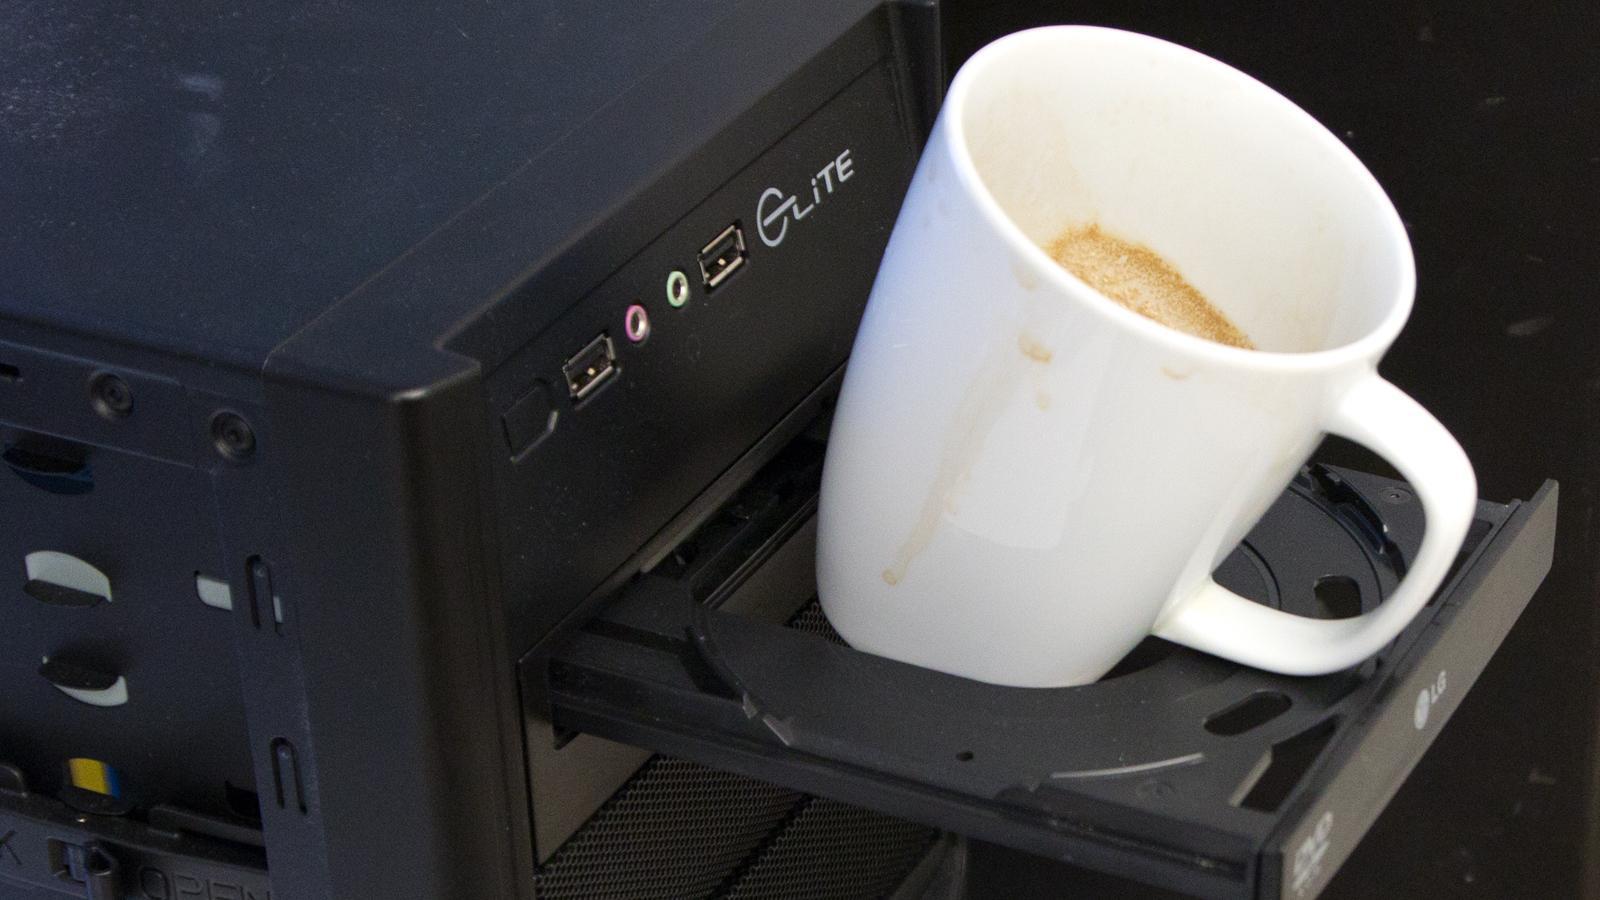 En tom kaffekopp er grei skuring, men hvor mye tåler den egentlig?Foto: Rolf B. Wegner, Hardware.no